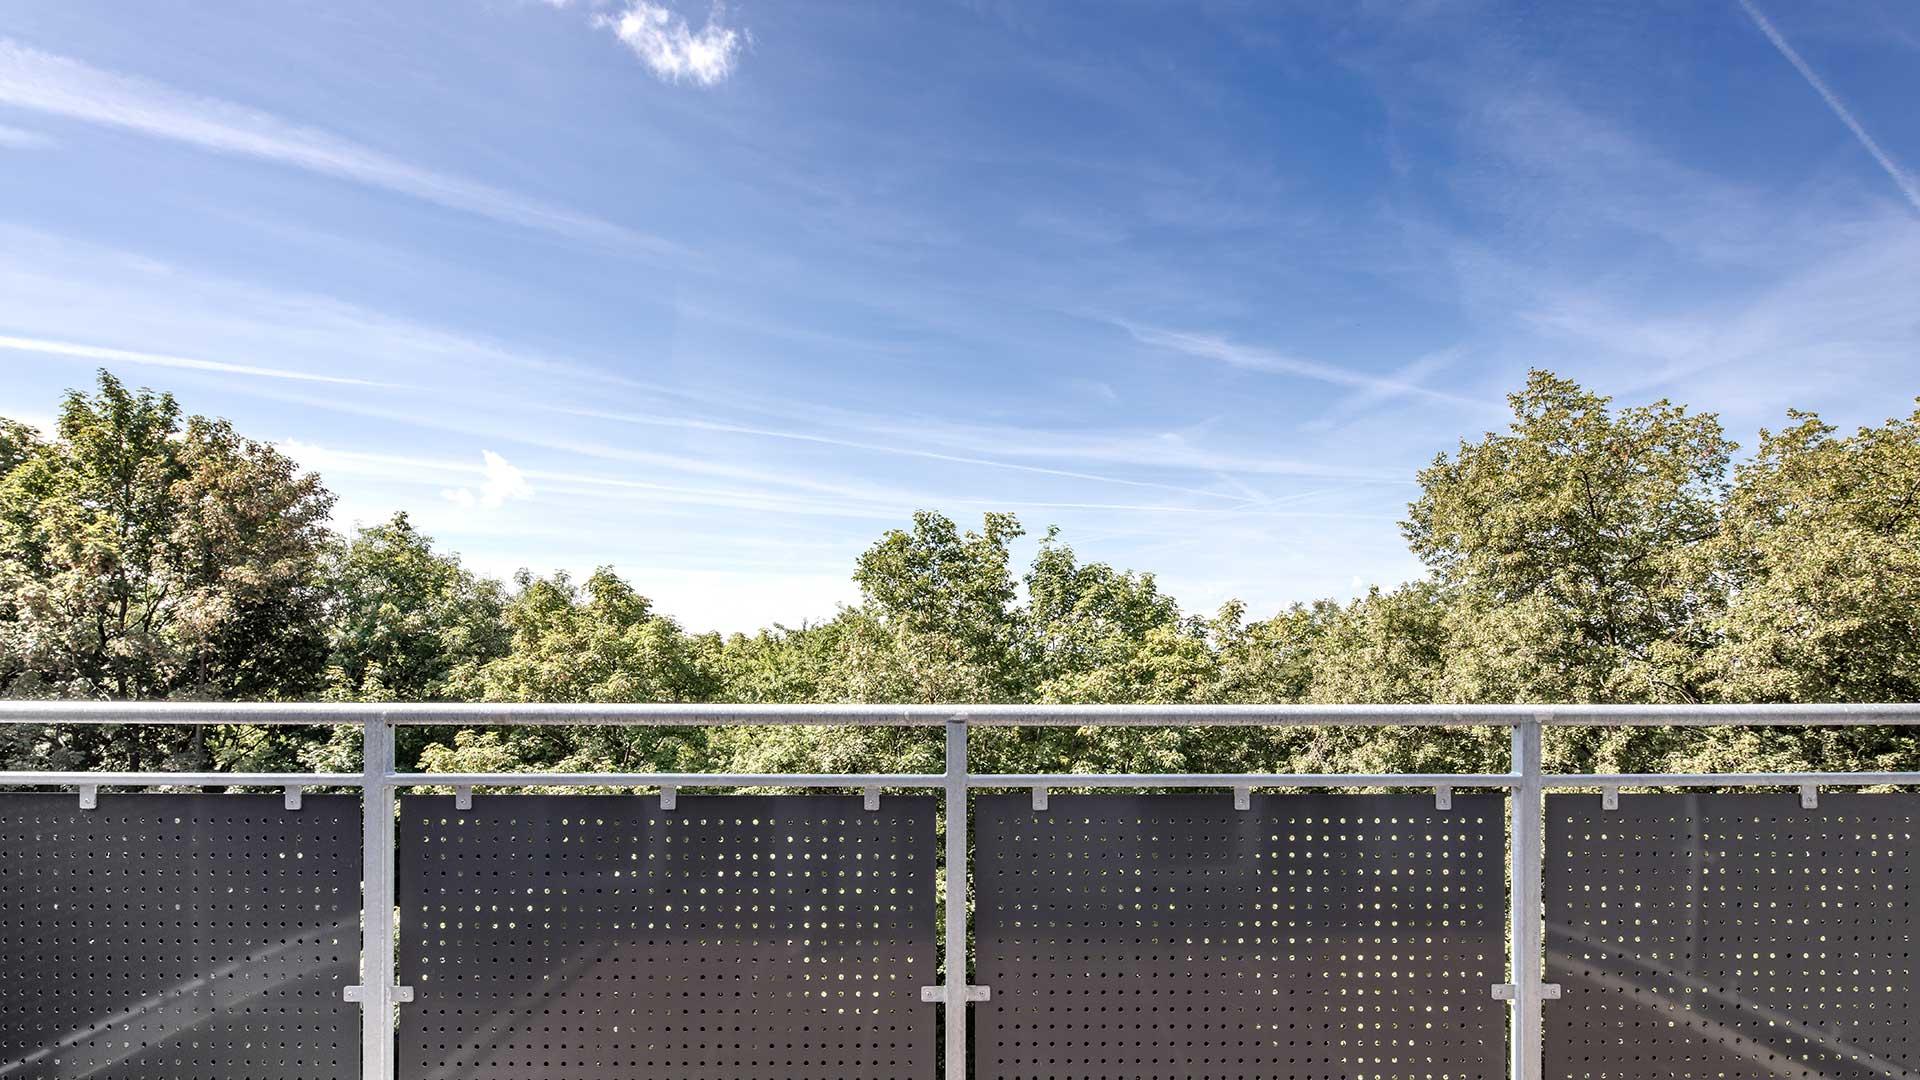 Architekturfotografie: Blick vom Balkon | Foto: Dieter Eikenberg, imprints